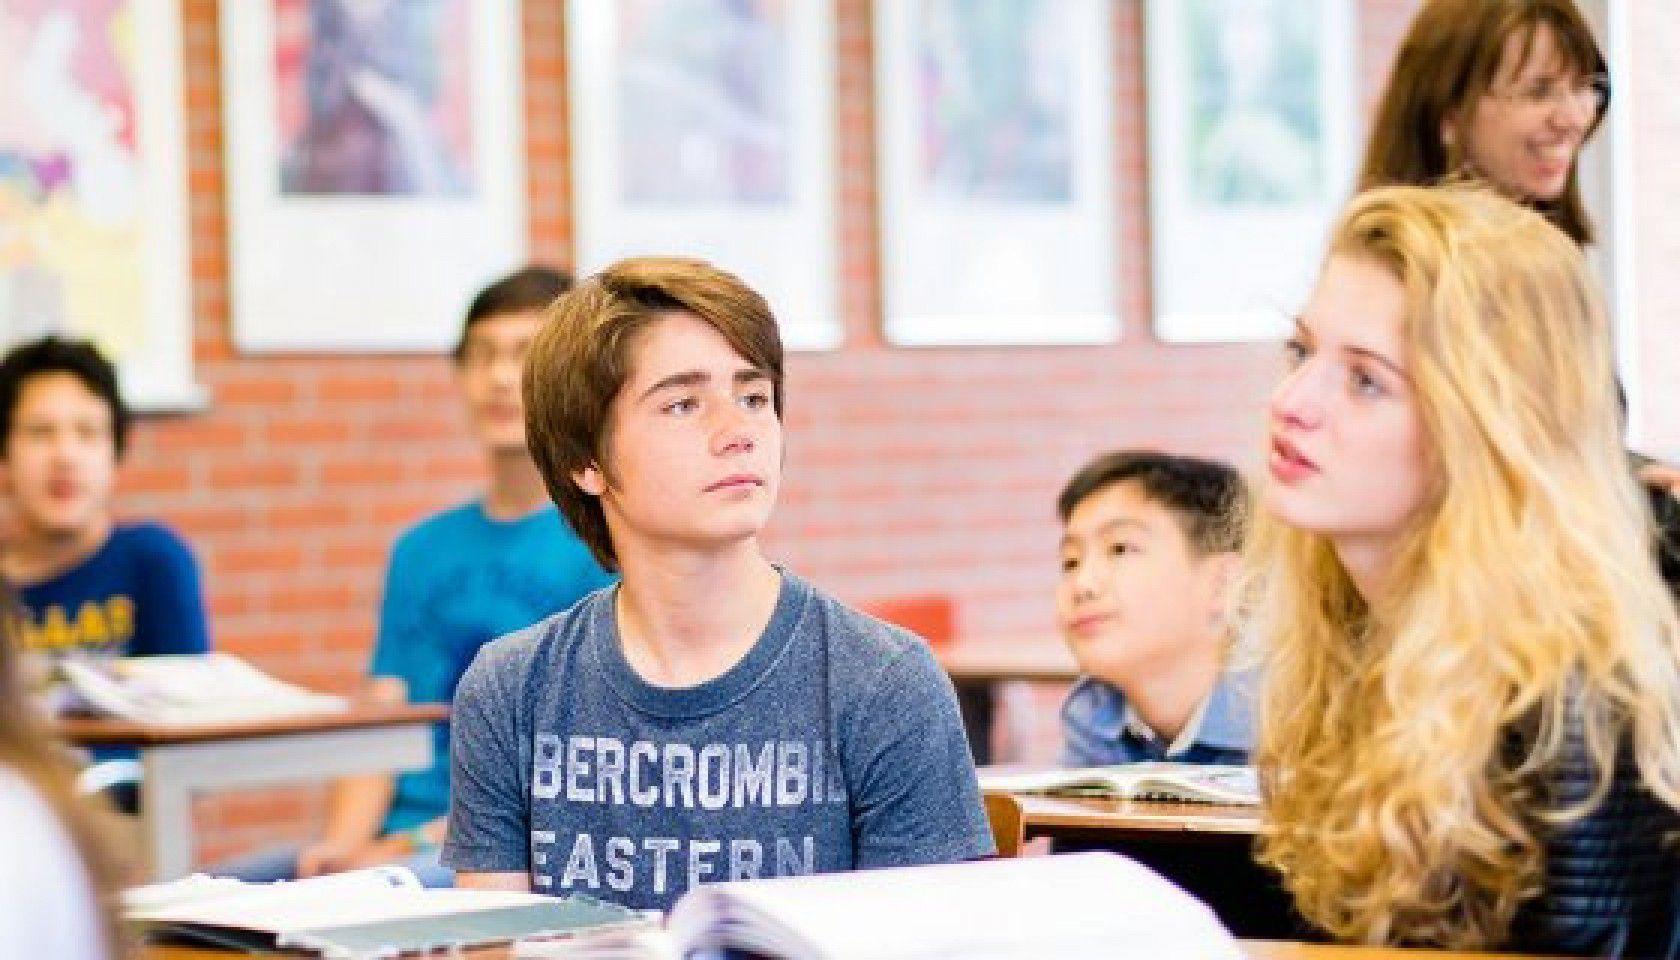 Uluslararası Lise IB Programlarının Başvuru Şartları Nelerdir?